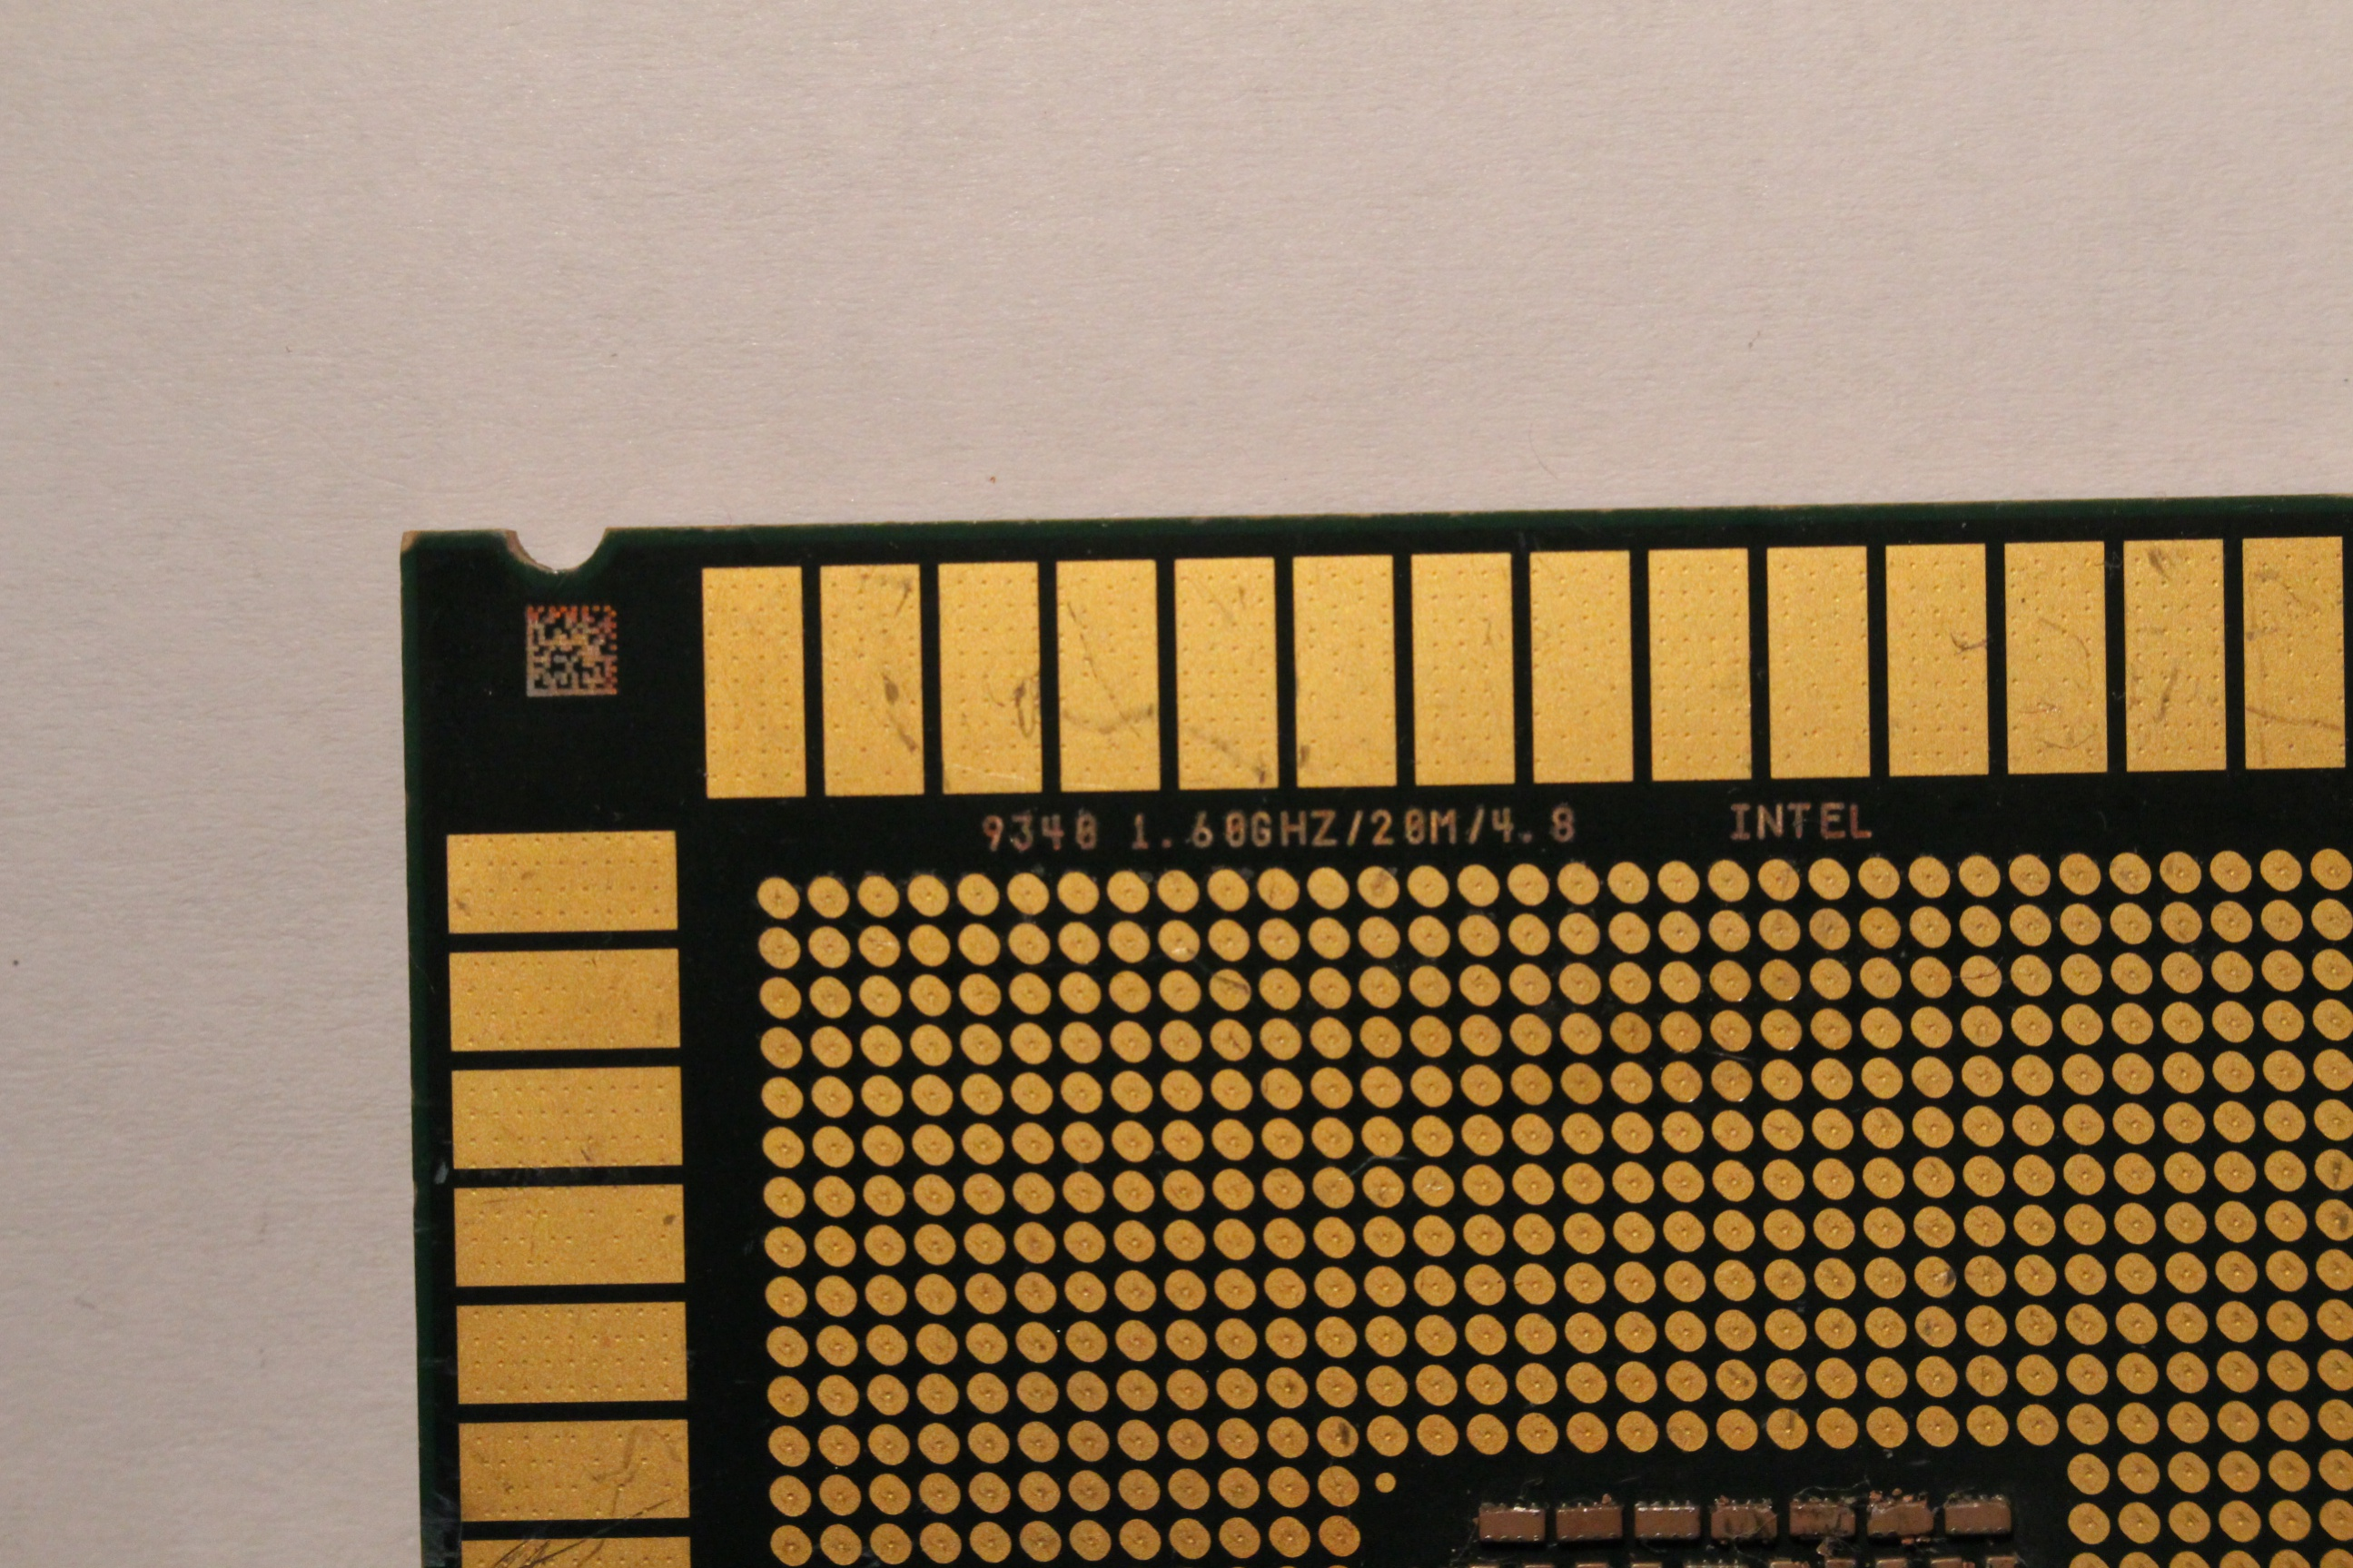 Klicken Sie auf die Grafik für eine größere Ansicht  Name:IMG_0103.jpg Hits:23 Größe:1,27 MB ID:997656